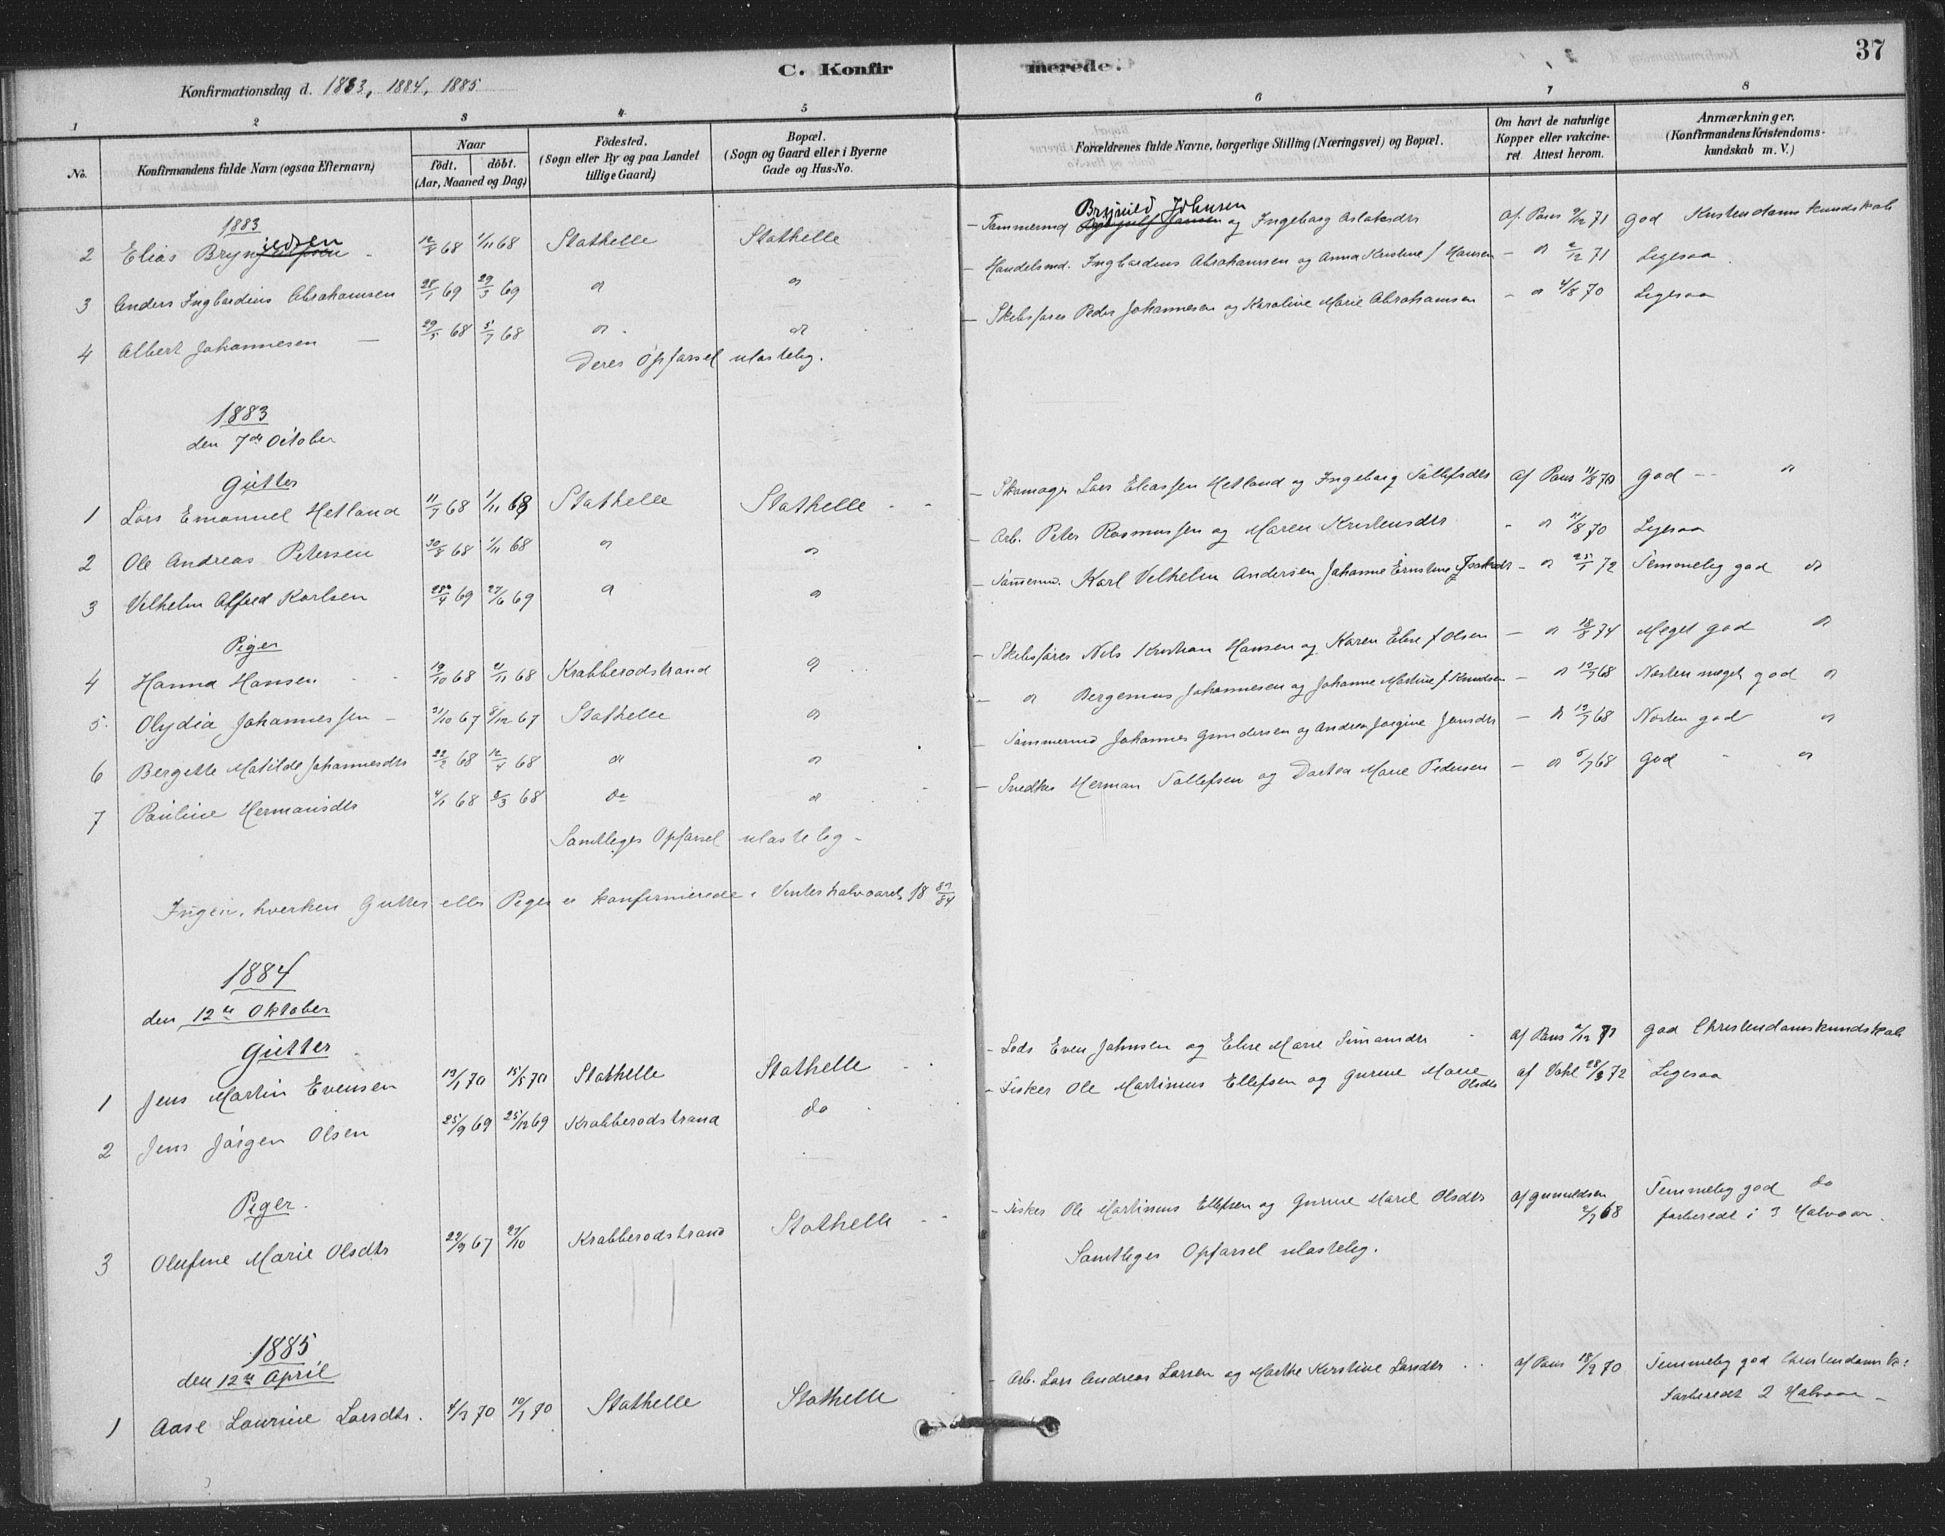 SAKO, Bamble kirkebøker, F/Fb/L0001: Ministerialbok nr. II 1, 1878-1899, s. 37